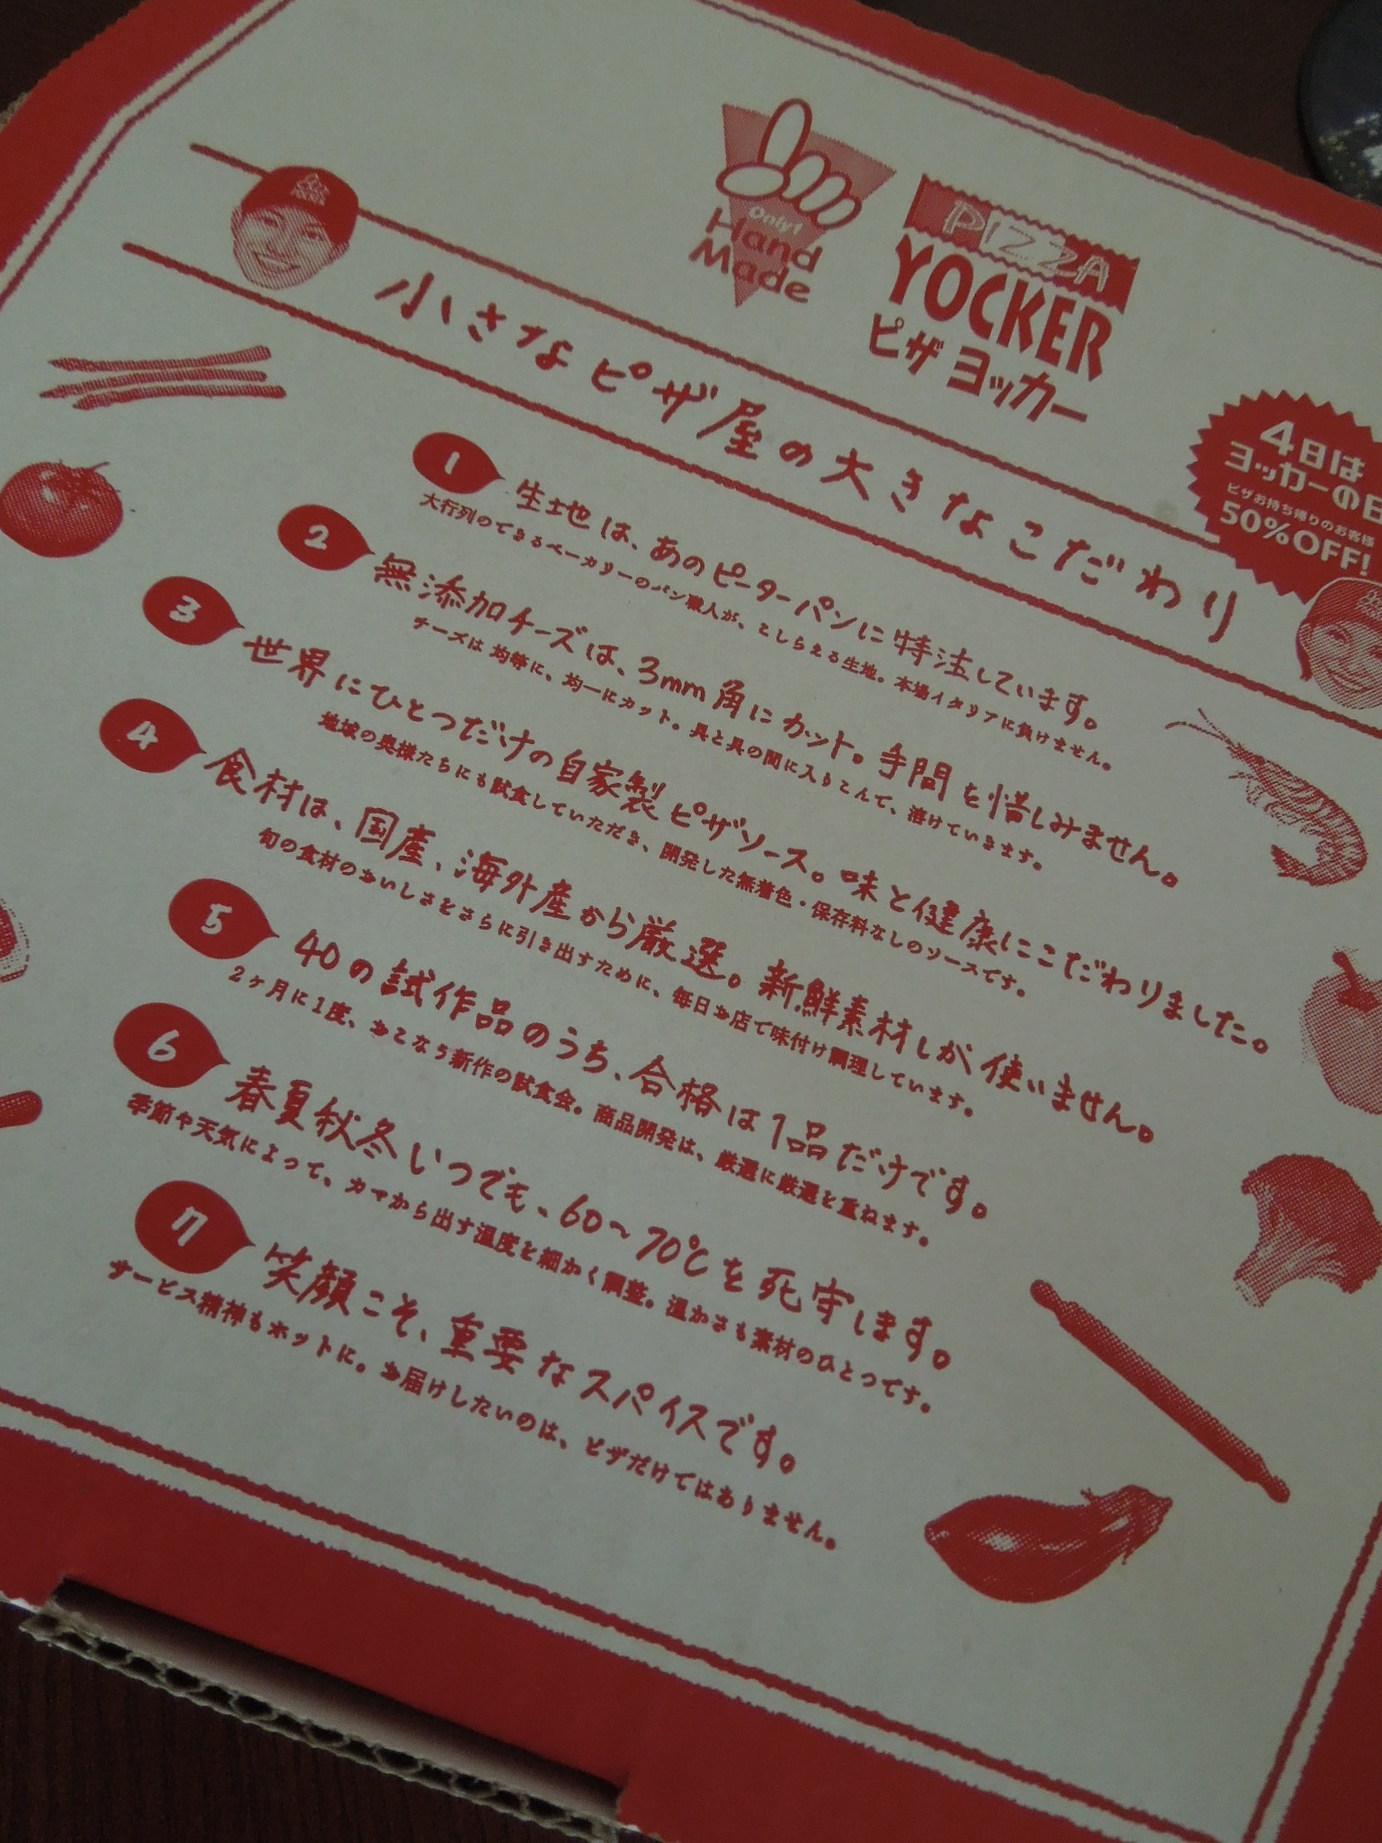 ピザヨッカー 墨田店